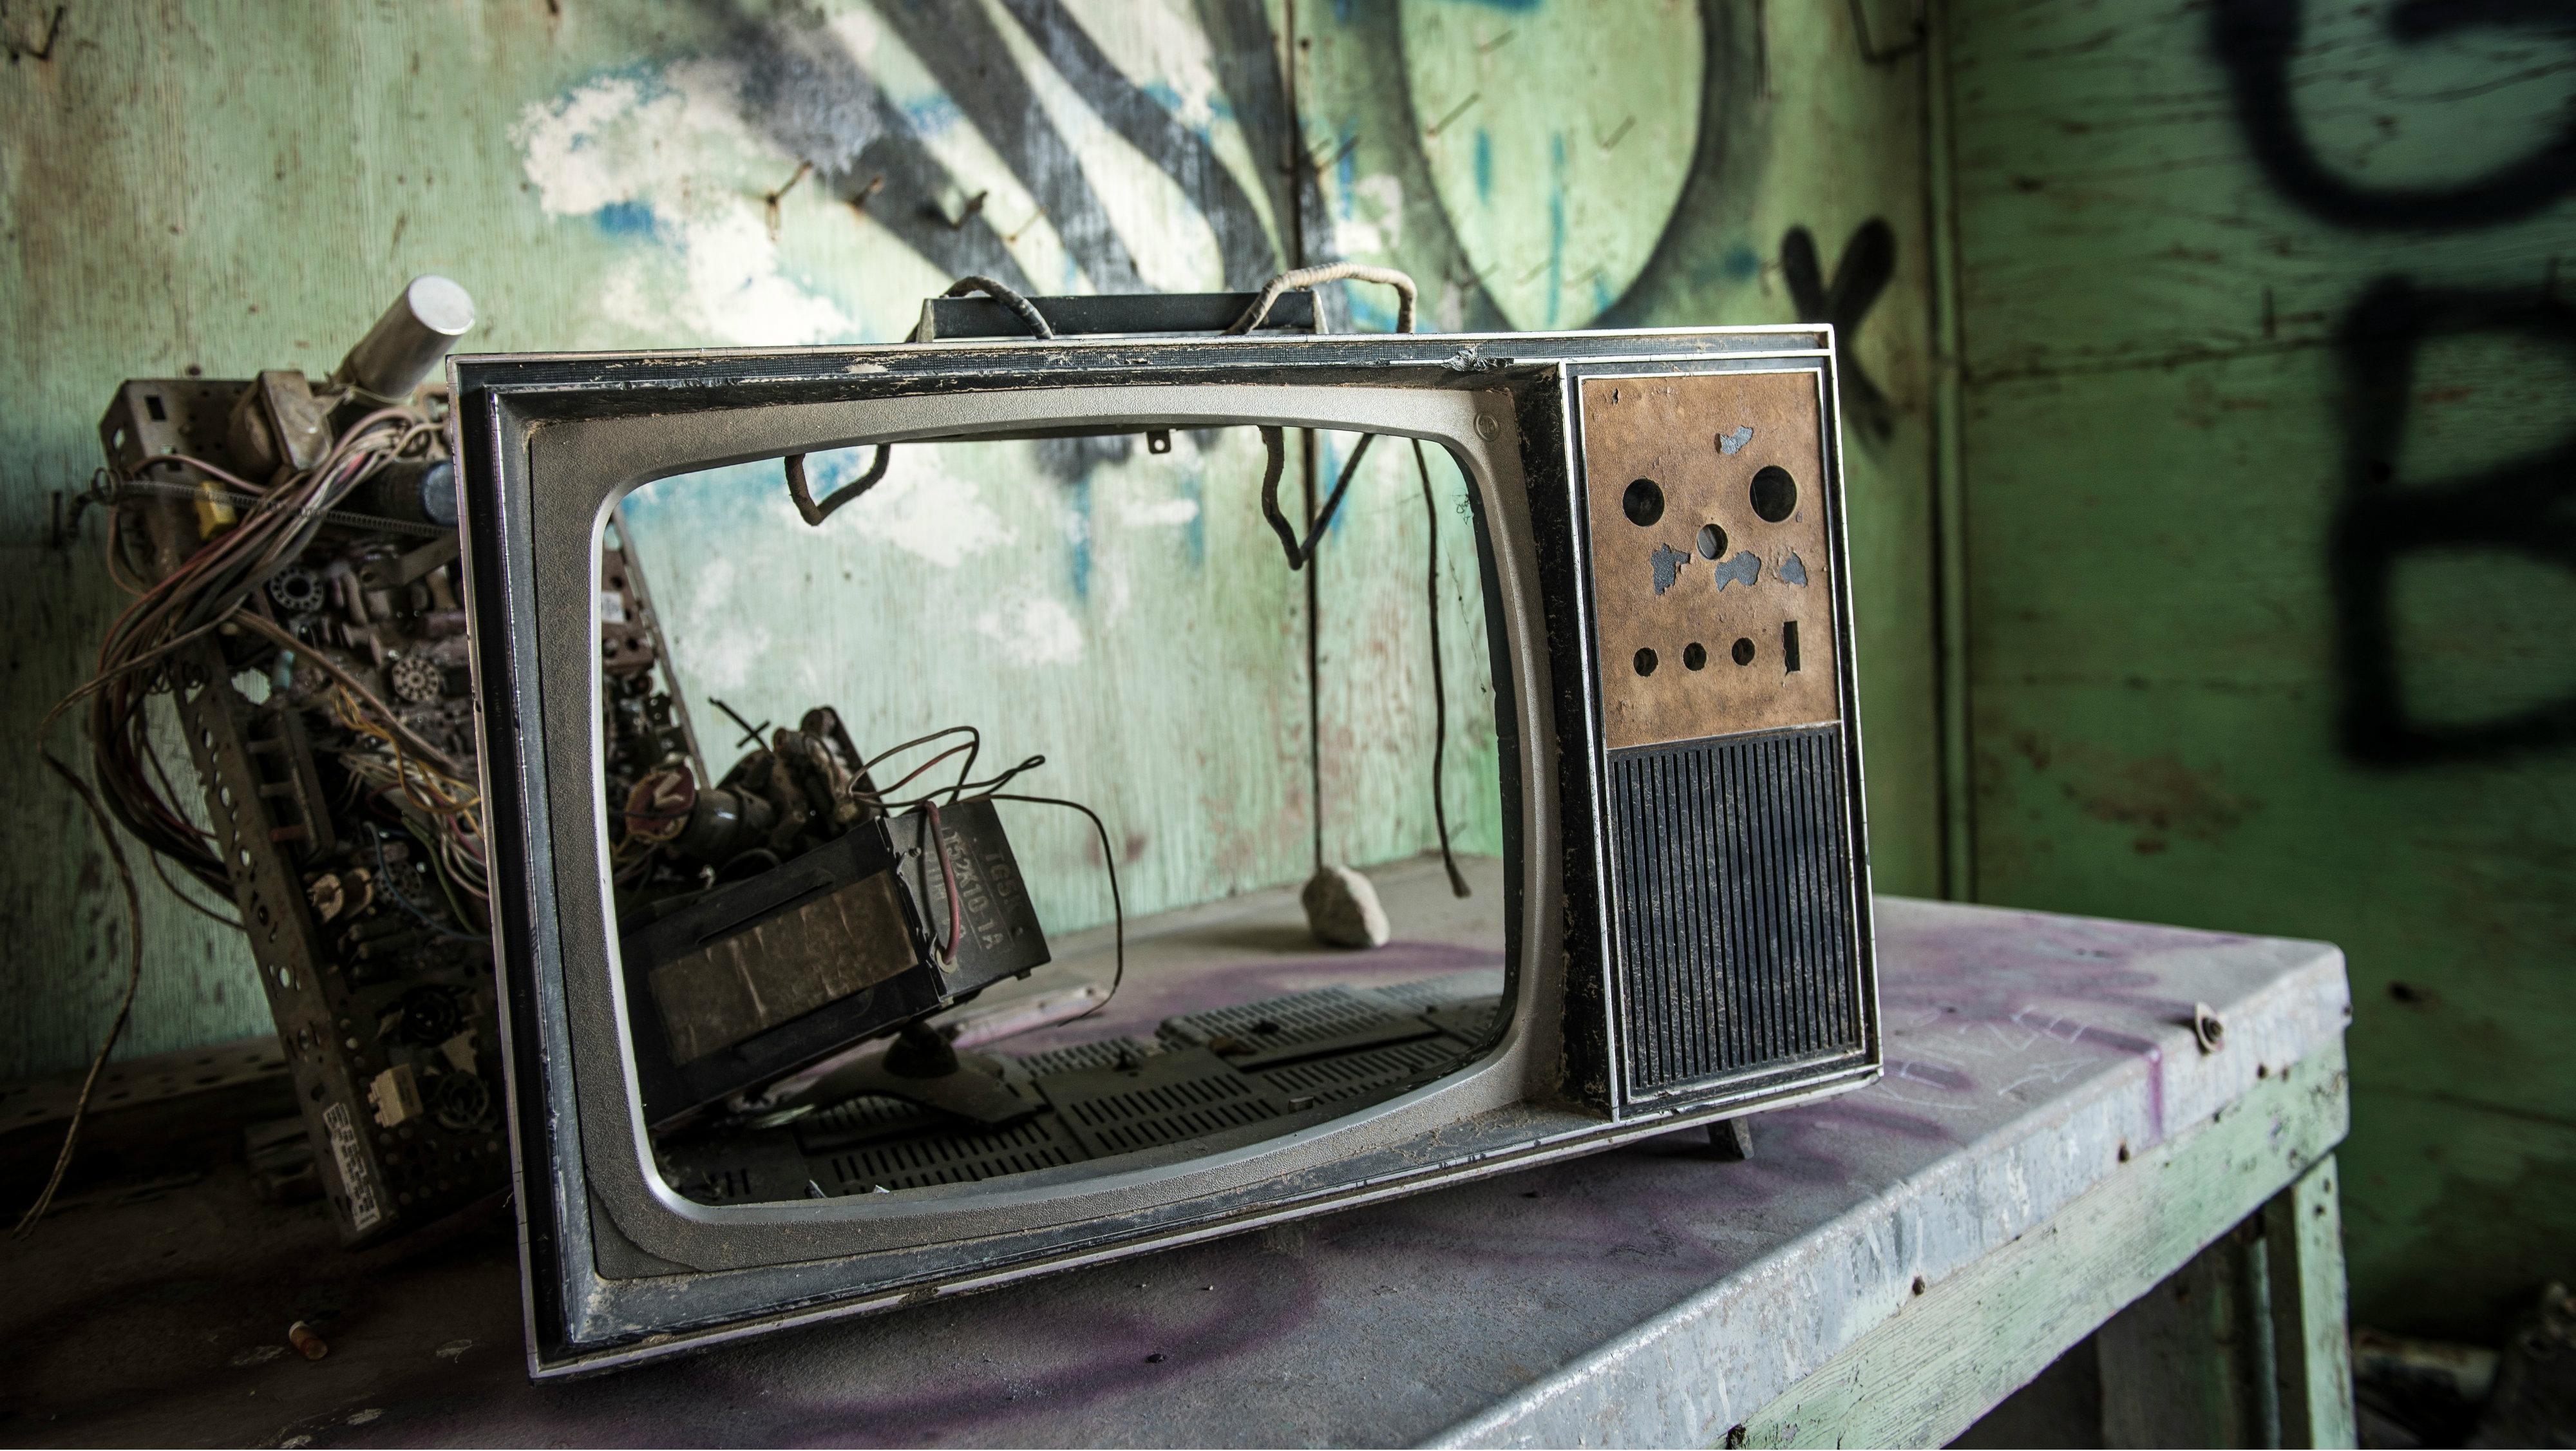 An old, broken TV.